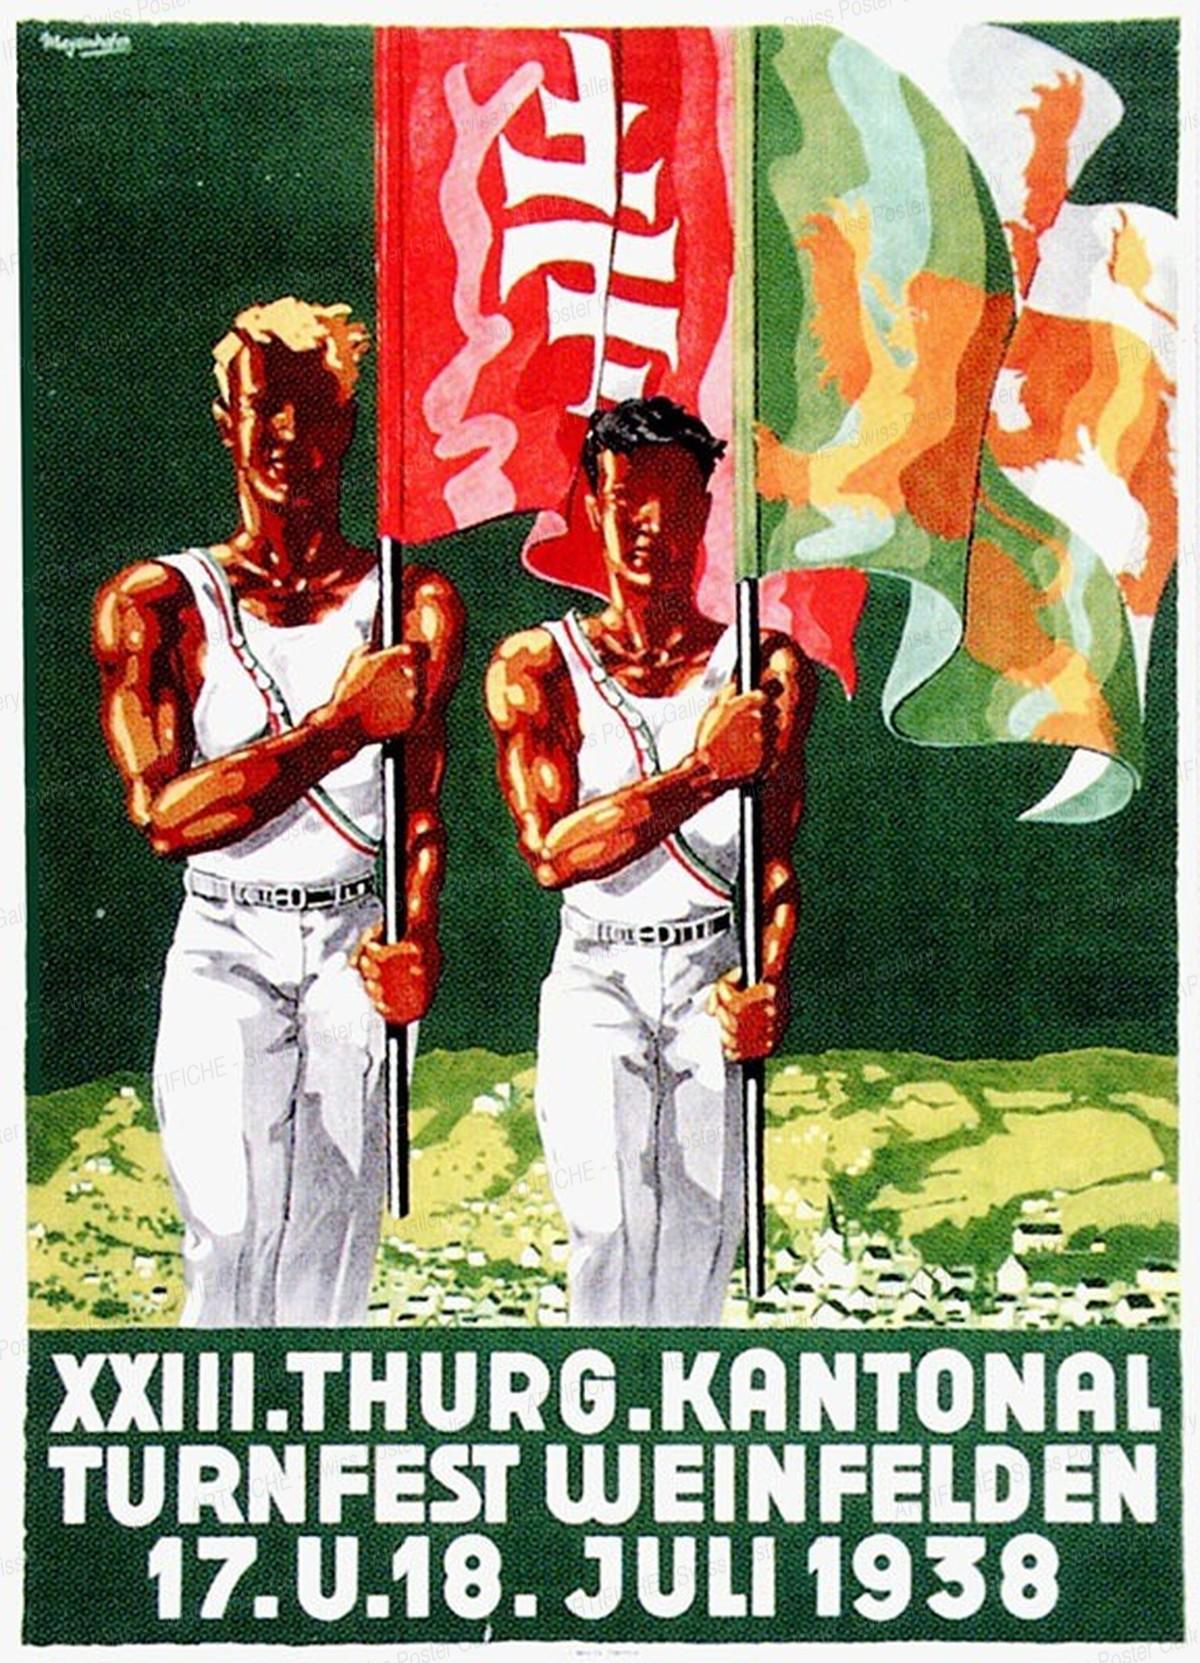 XXIII. Thurg. Kantonal Turnfest Weinfelden, Meyerhofer-Elmer